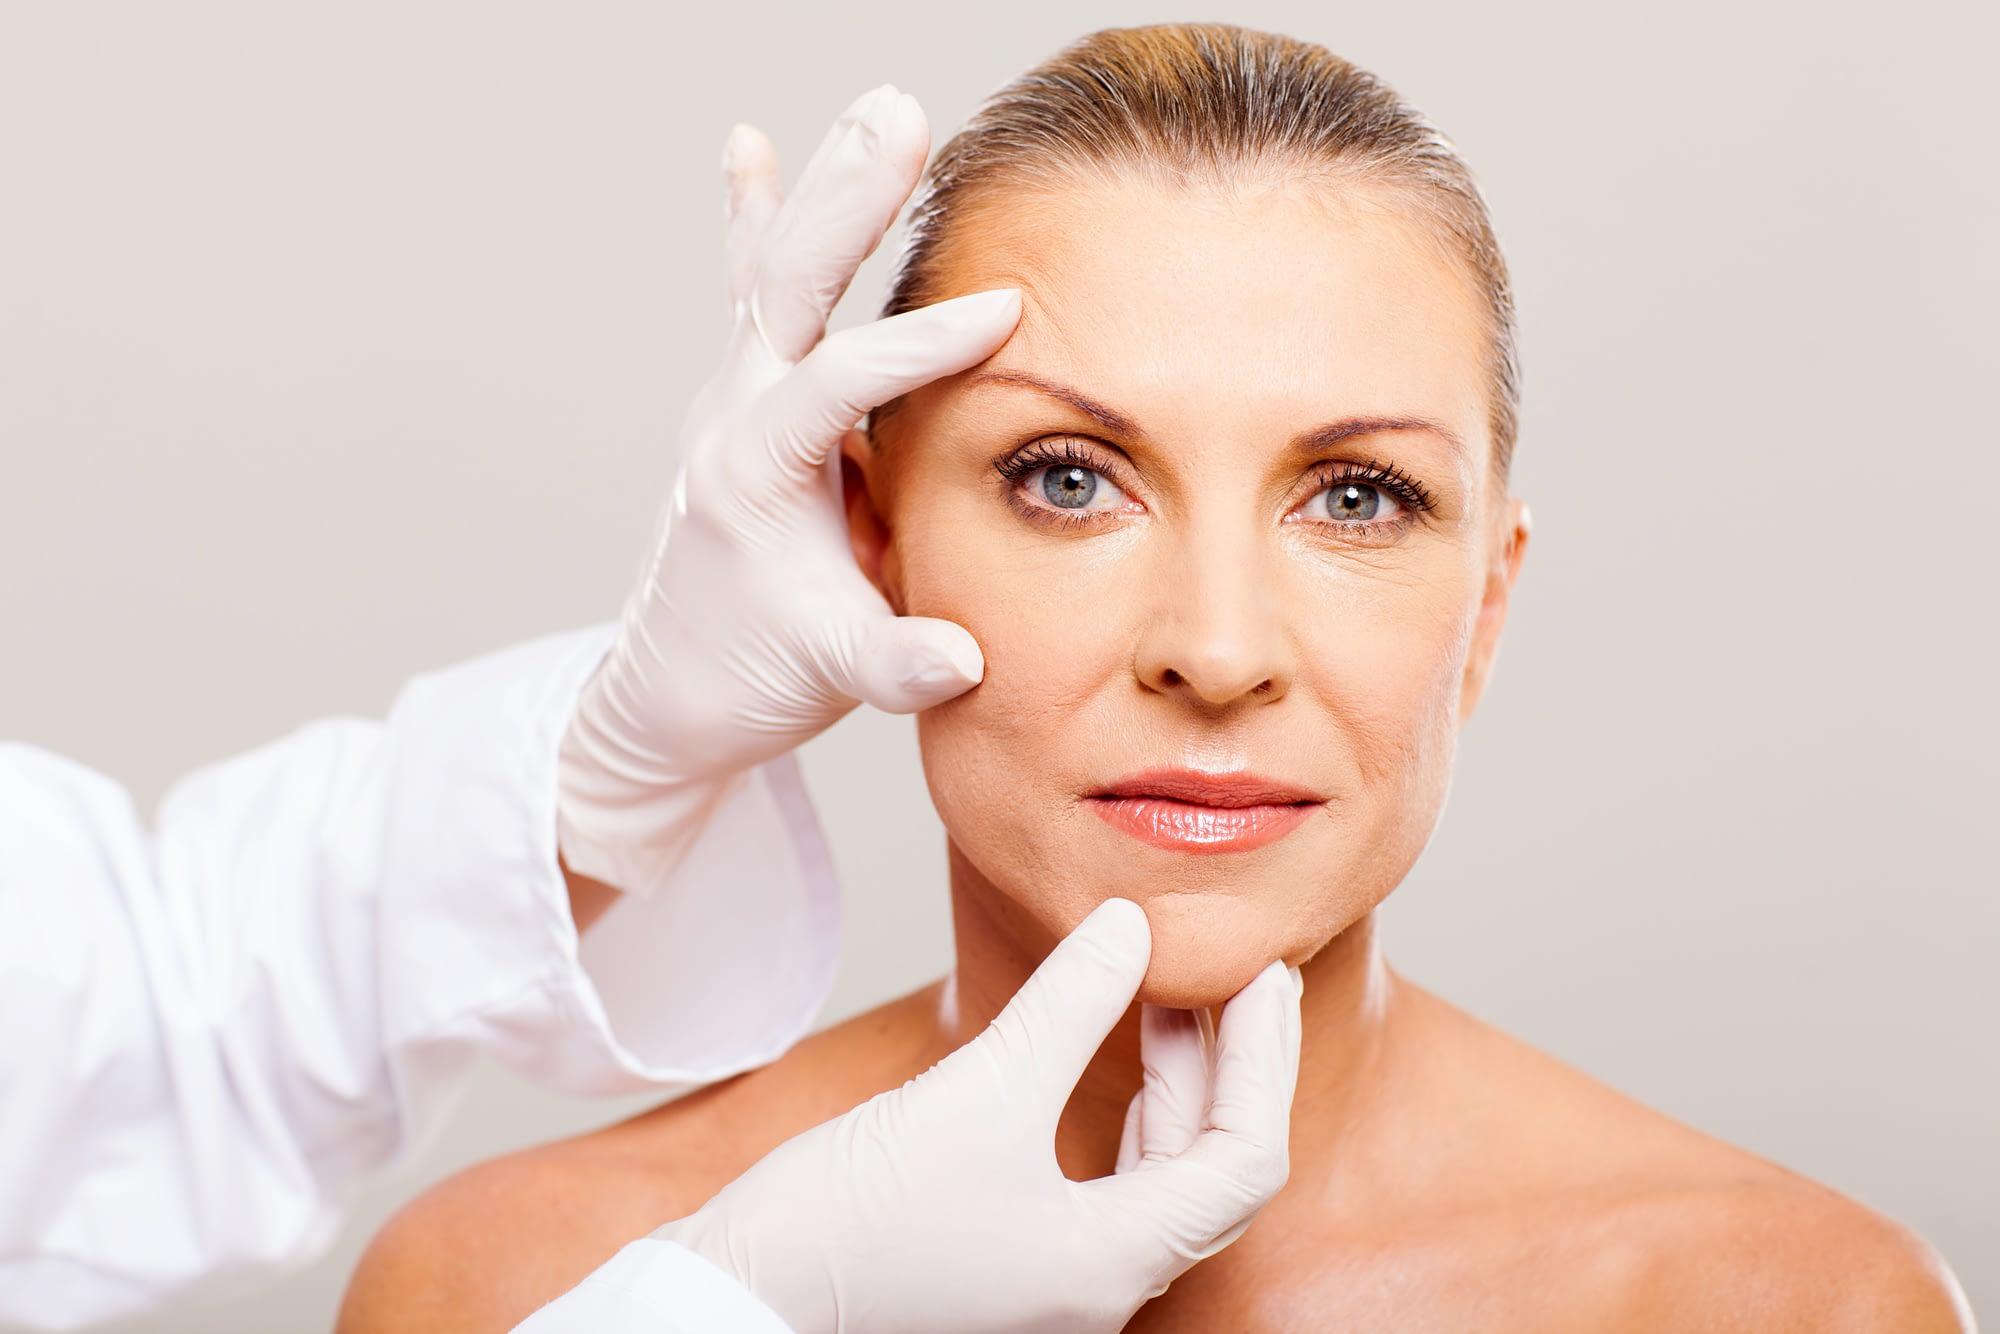 Dr. A. P. Trussler, Md - Plastic Surgery